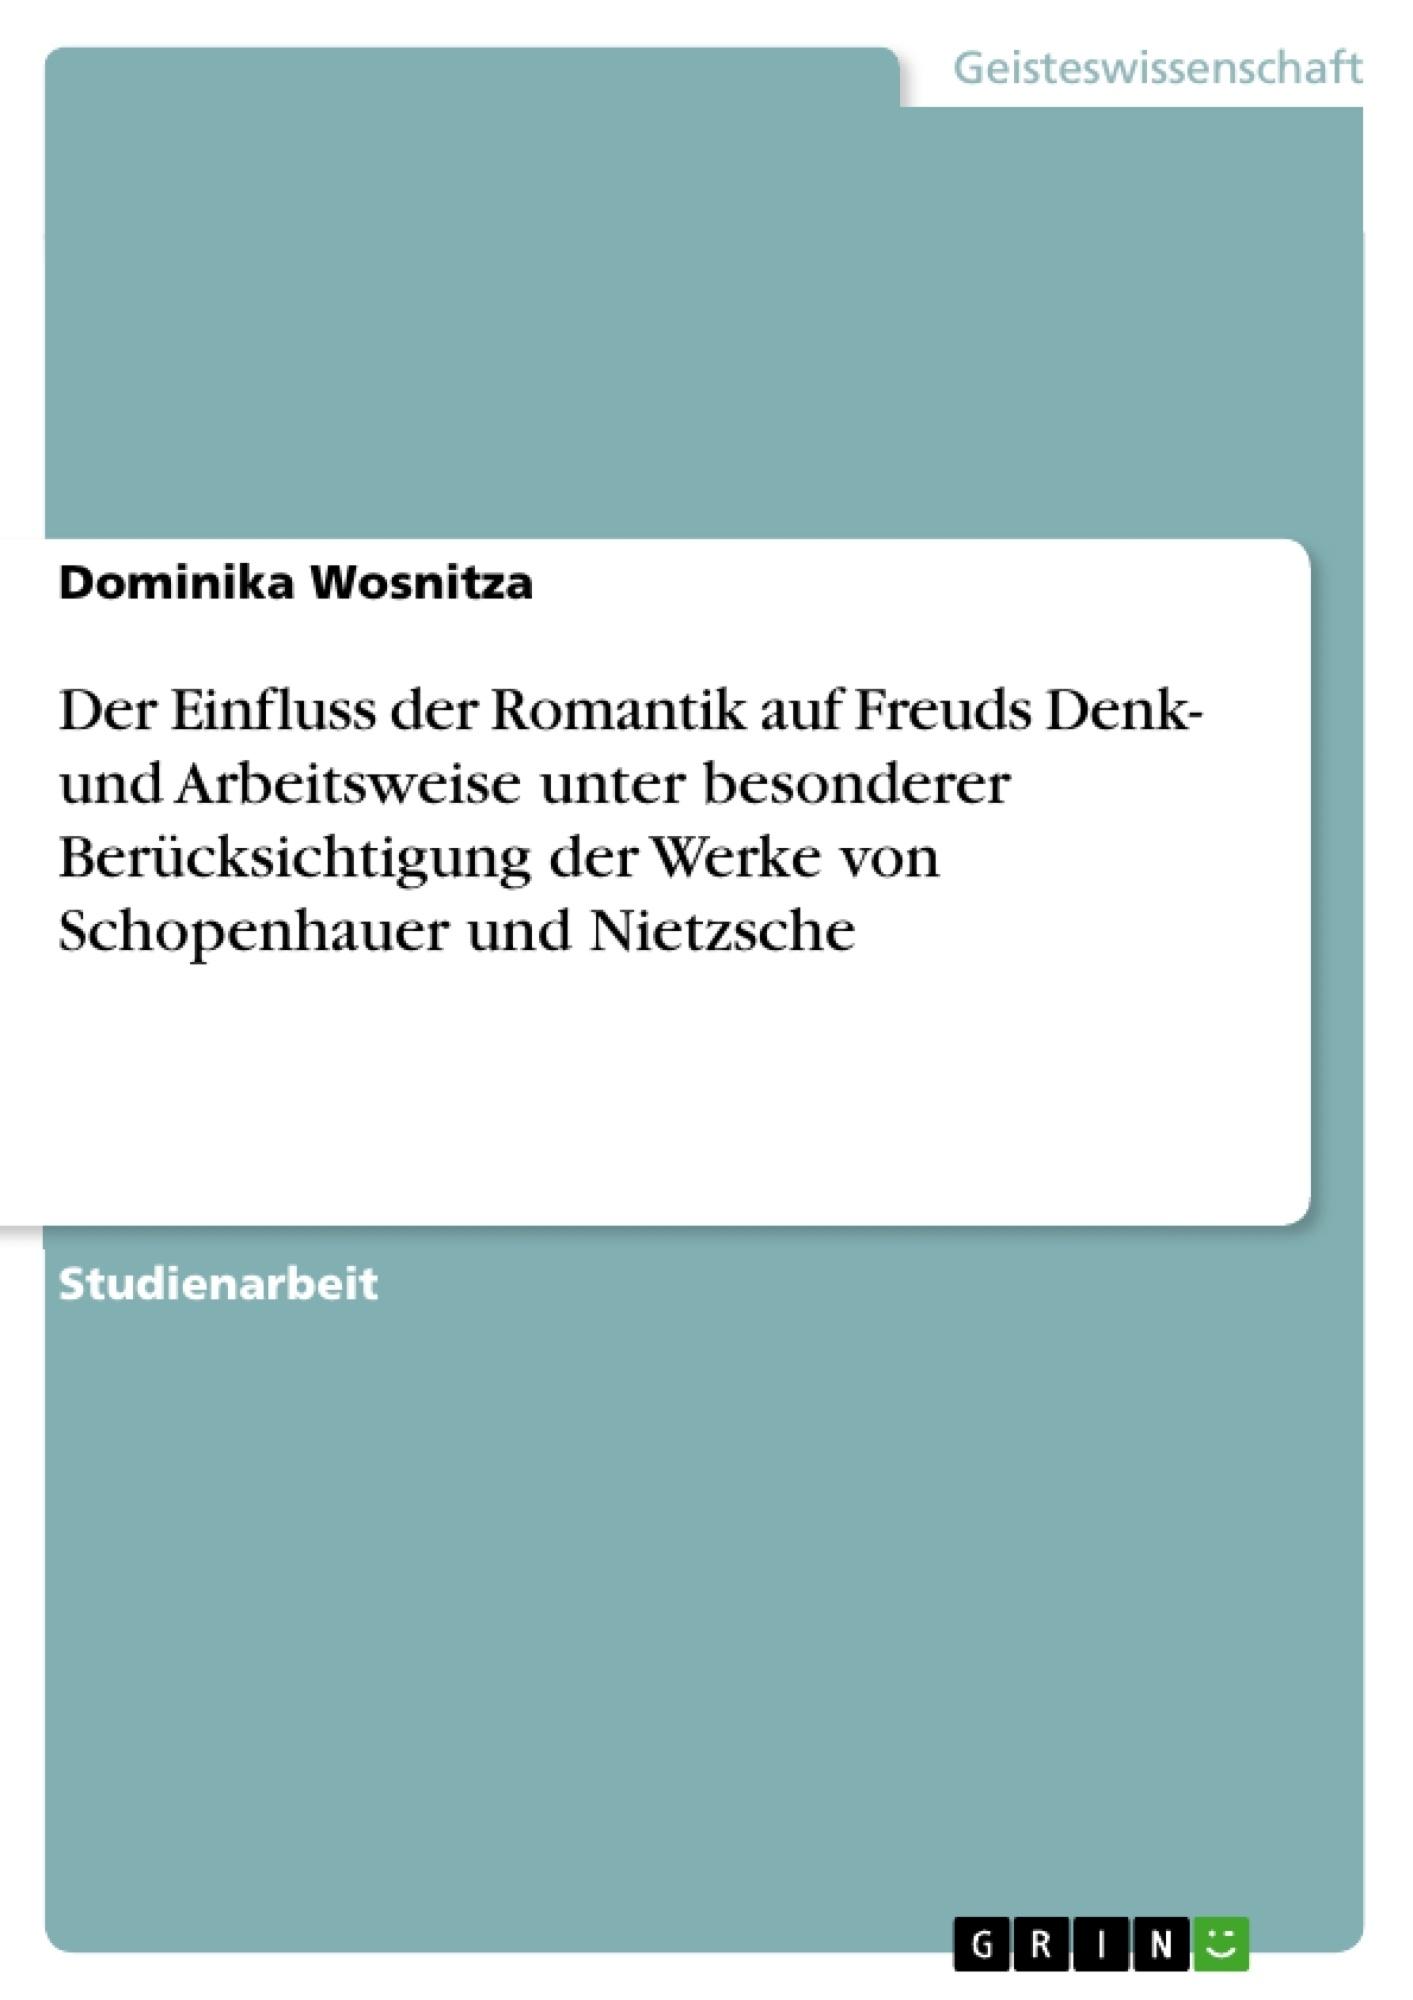 Titel: Der Einfluss der Romantik auf Freuds Denk- und Arbeitsweise unter besonderer Berücksichtigung der Werke von Schopenhauer und Nietzsche